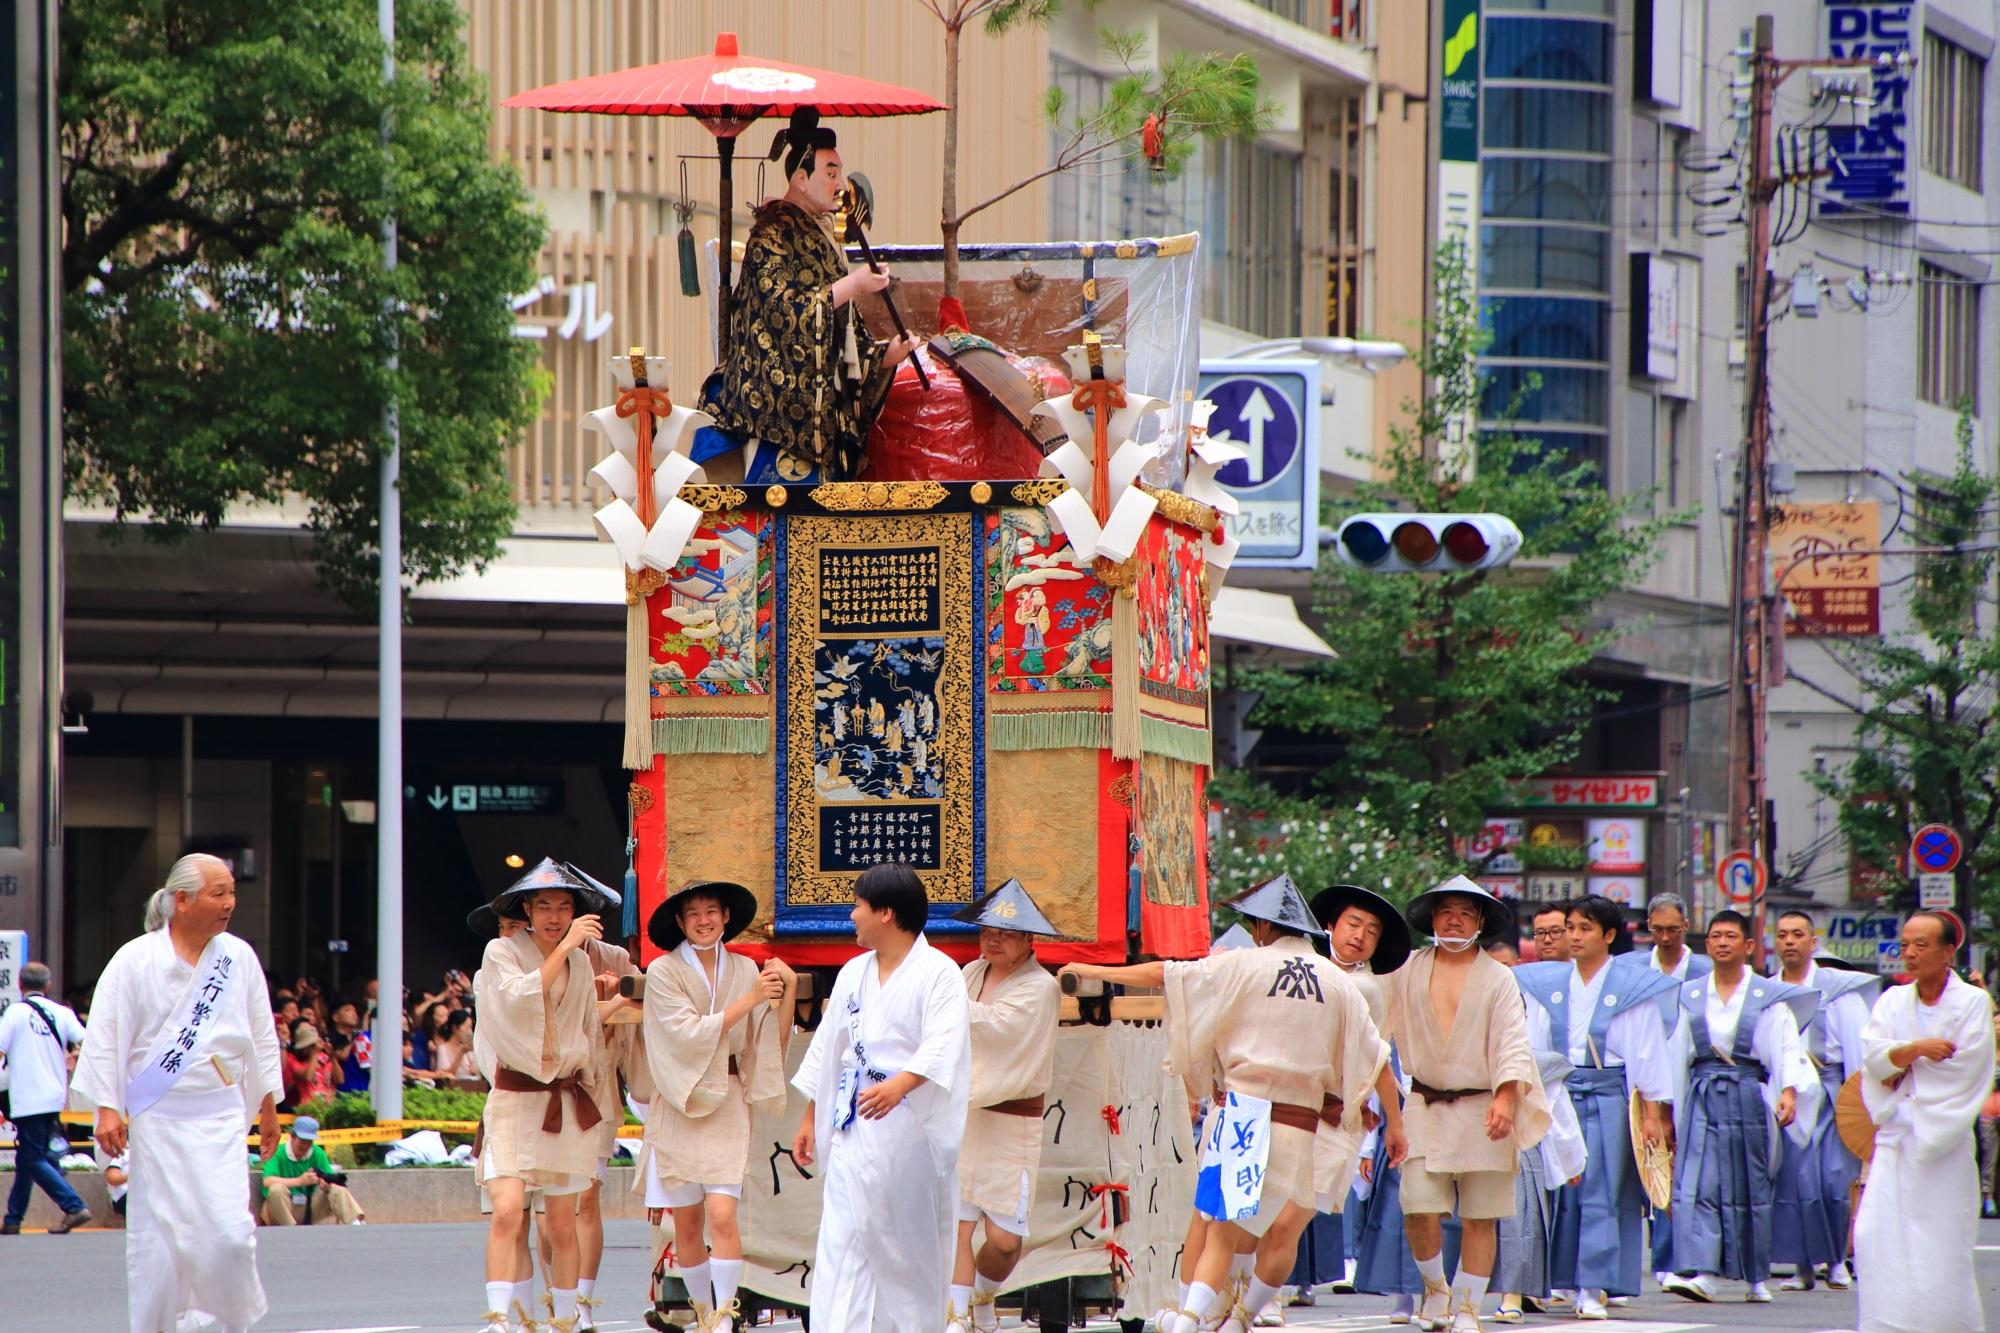 伯牙山 祇園祭 山鉾巡行 前祭 日本三大祭